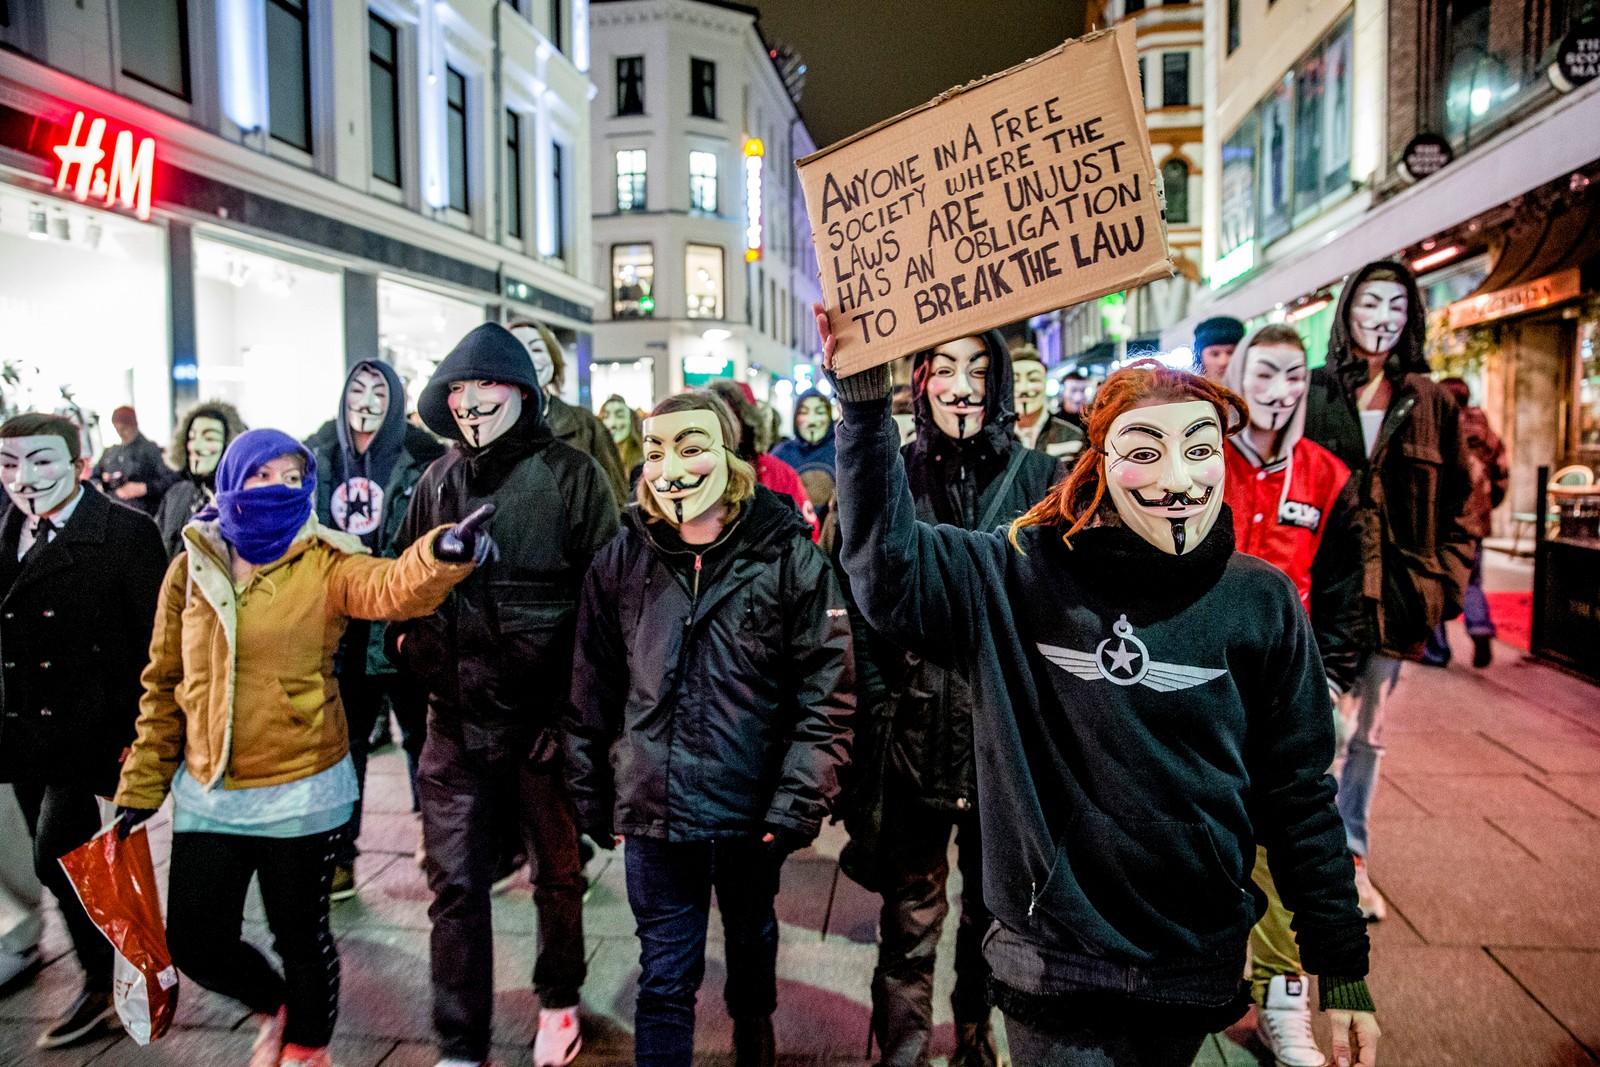 En gjeng fra Anonymous demonstrerte i 2013 ulovlig i Karl Johans gate i Oslo mot datalagringsdirektivet. De ble stoppet av politiet og Guy Fawkes maskene ble beslaglagt.